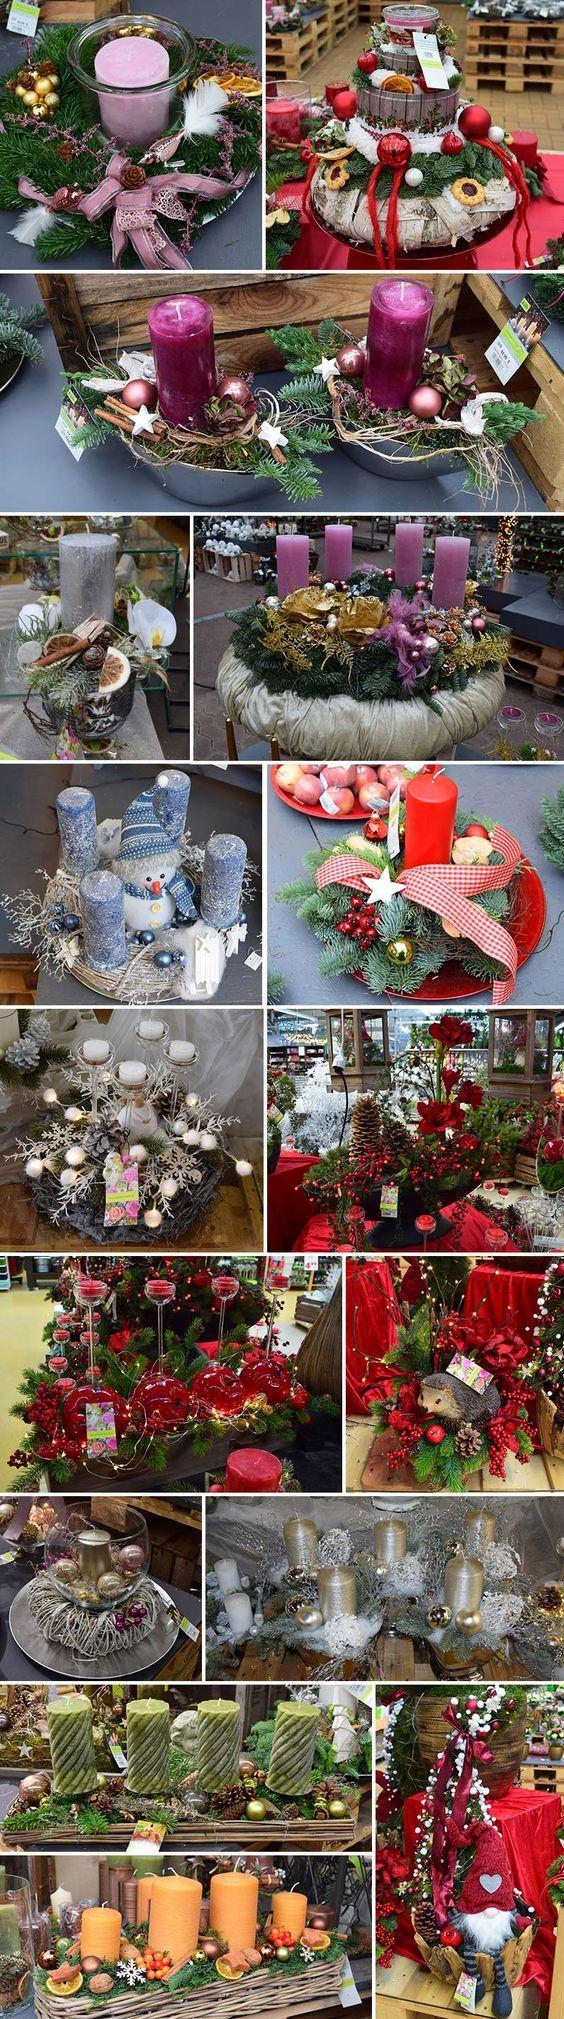 Kölle Weihnachtsdeko.Adventskränze Und Gestecke In Unseren Gartencentern Pflanzen Kölle